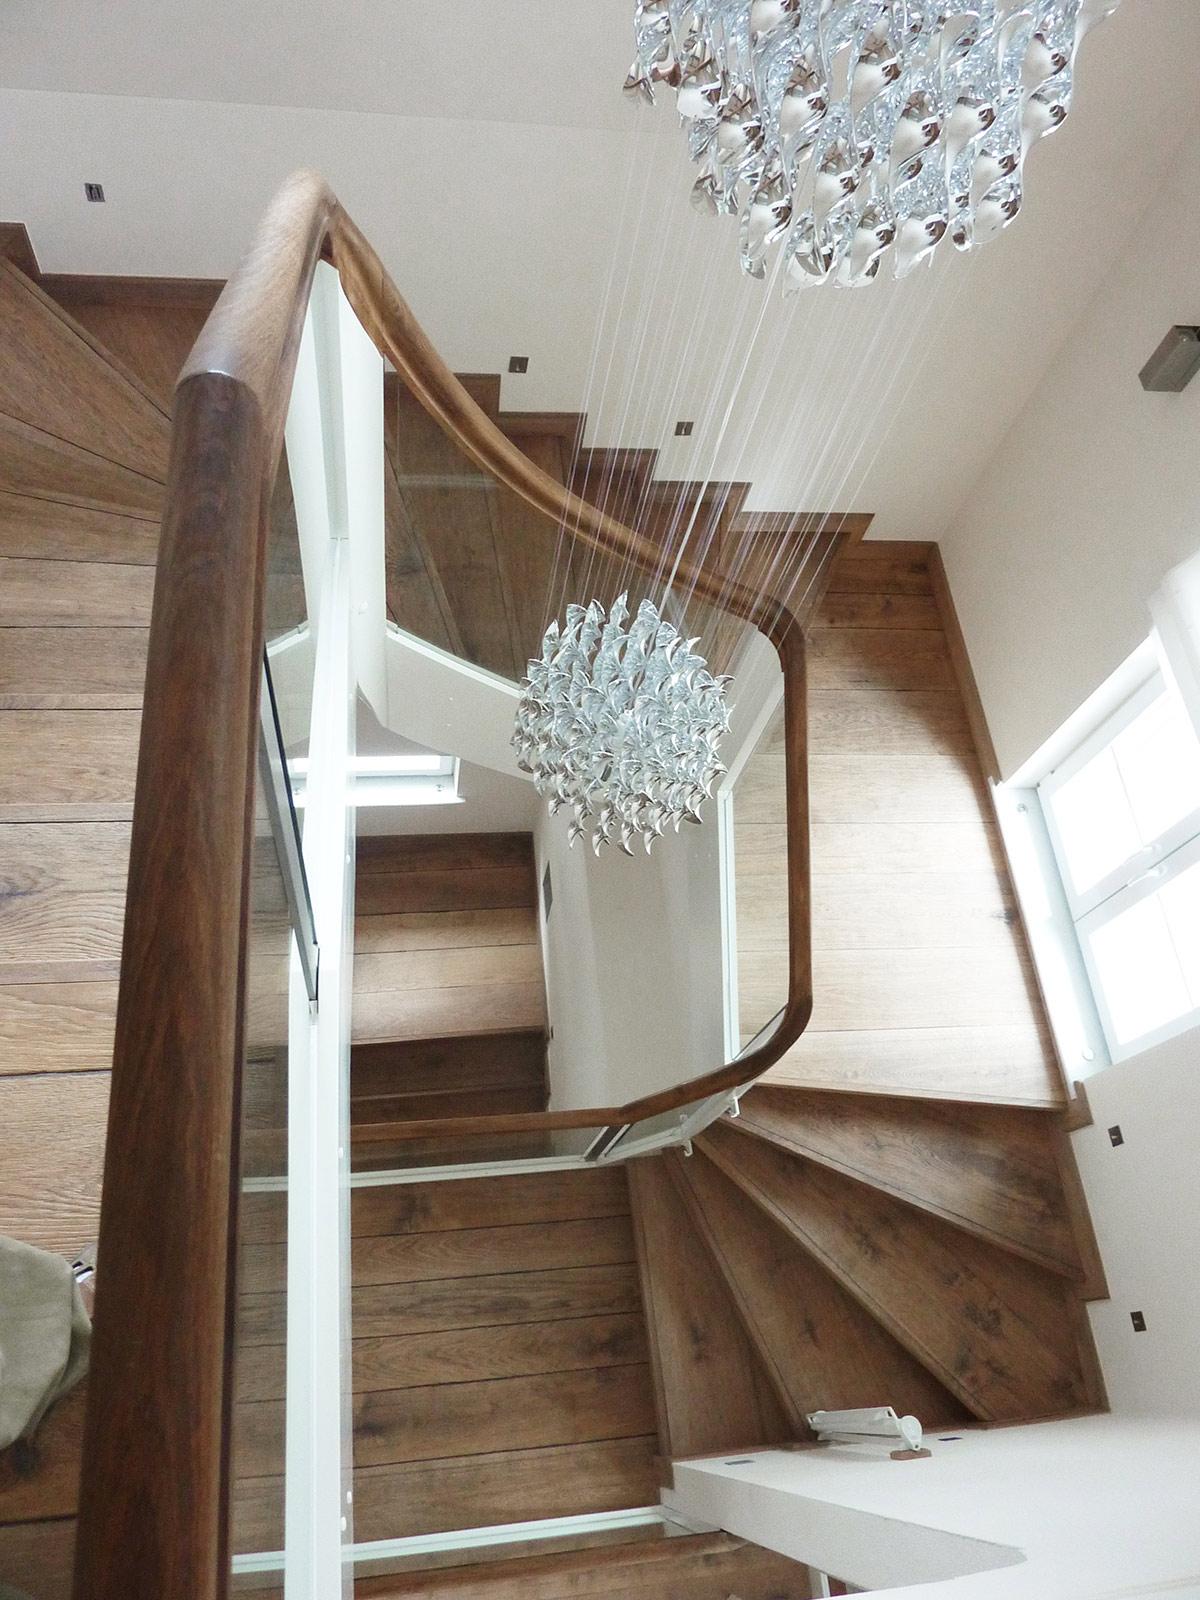 schreinerei hinterberger schreinerei hinterberger. Black Bedroom Furniture Sets. Home Design Ideas